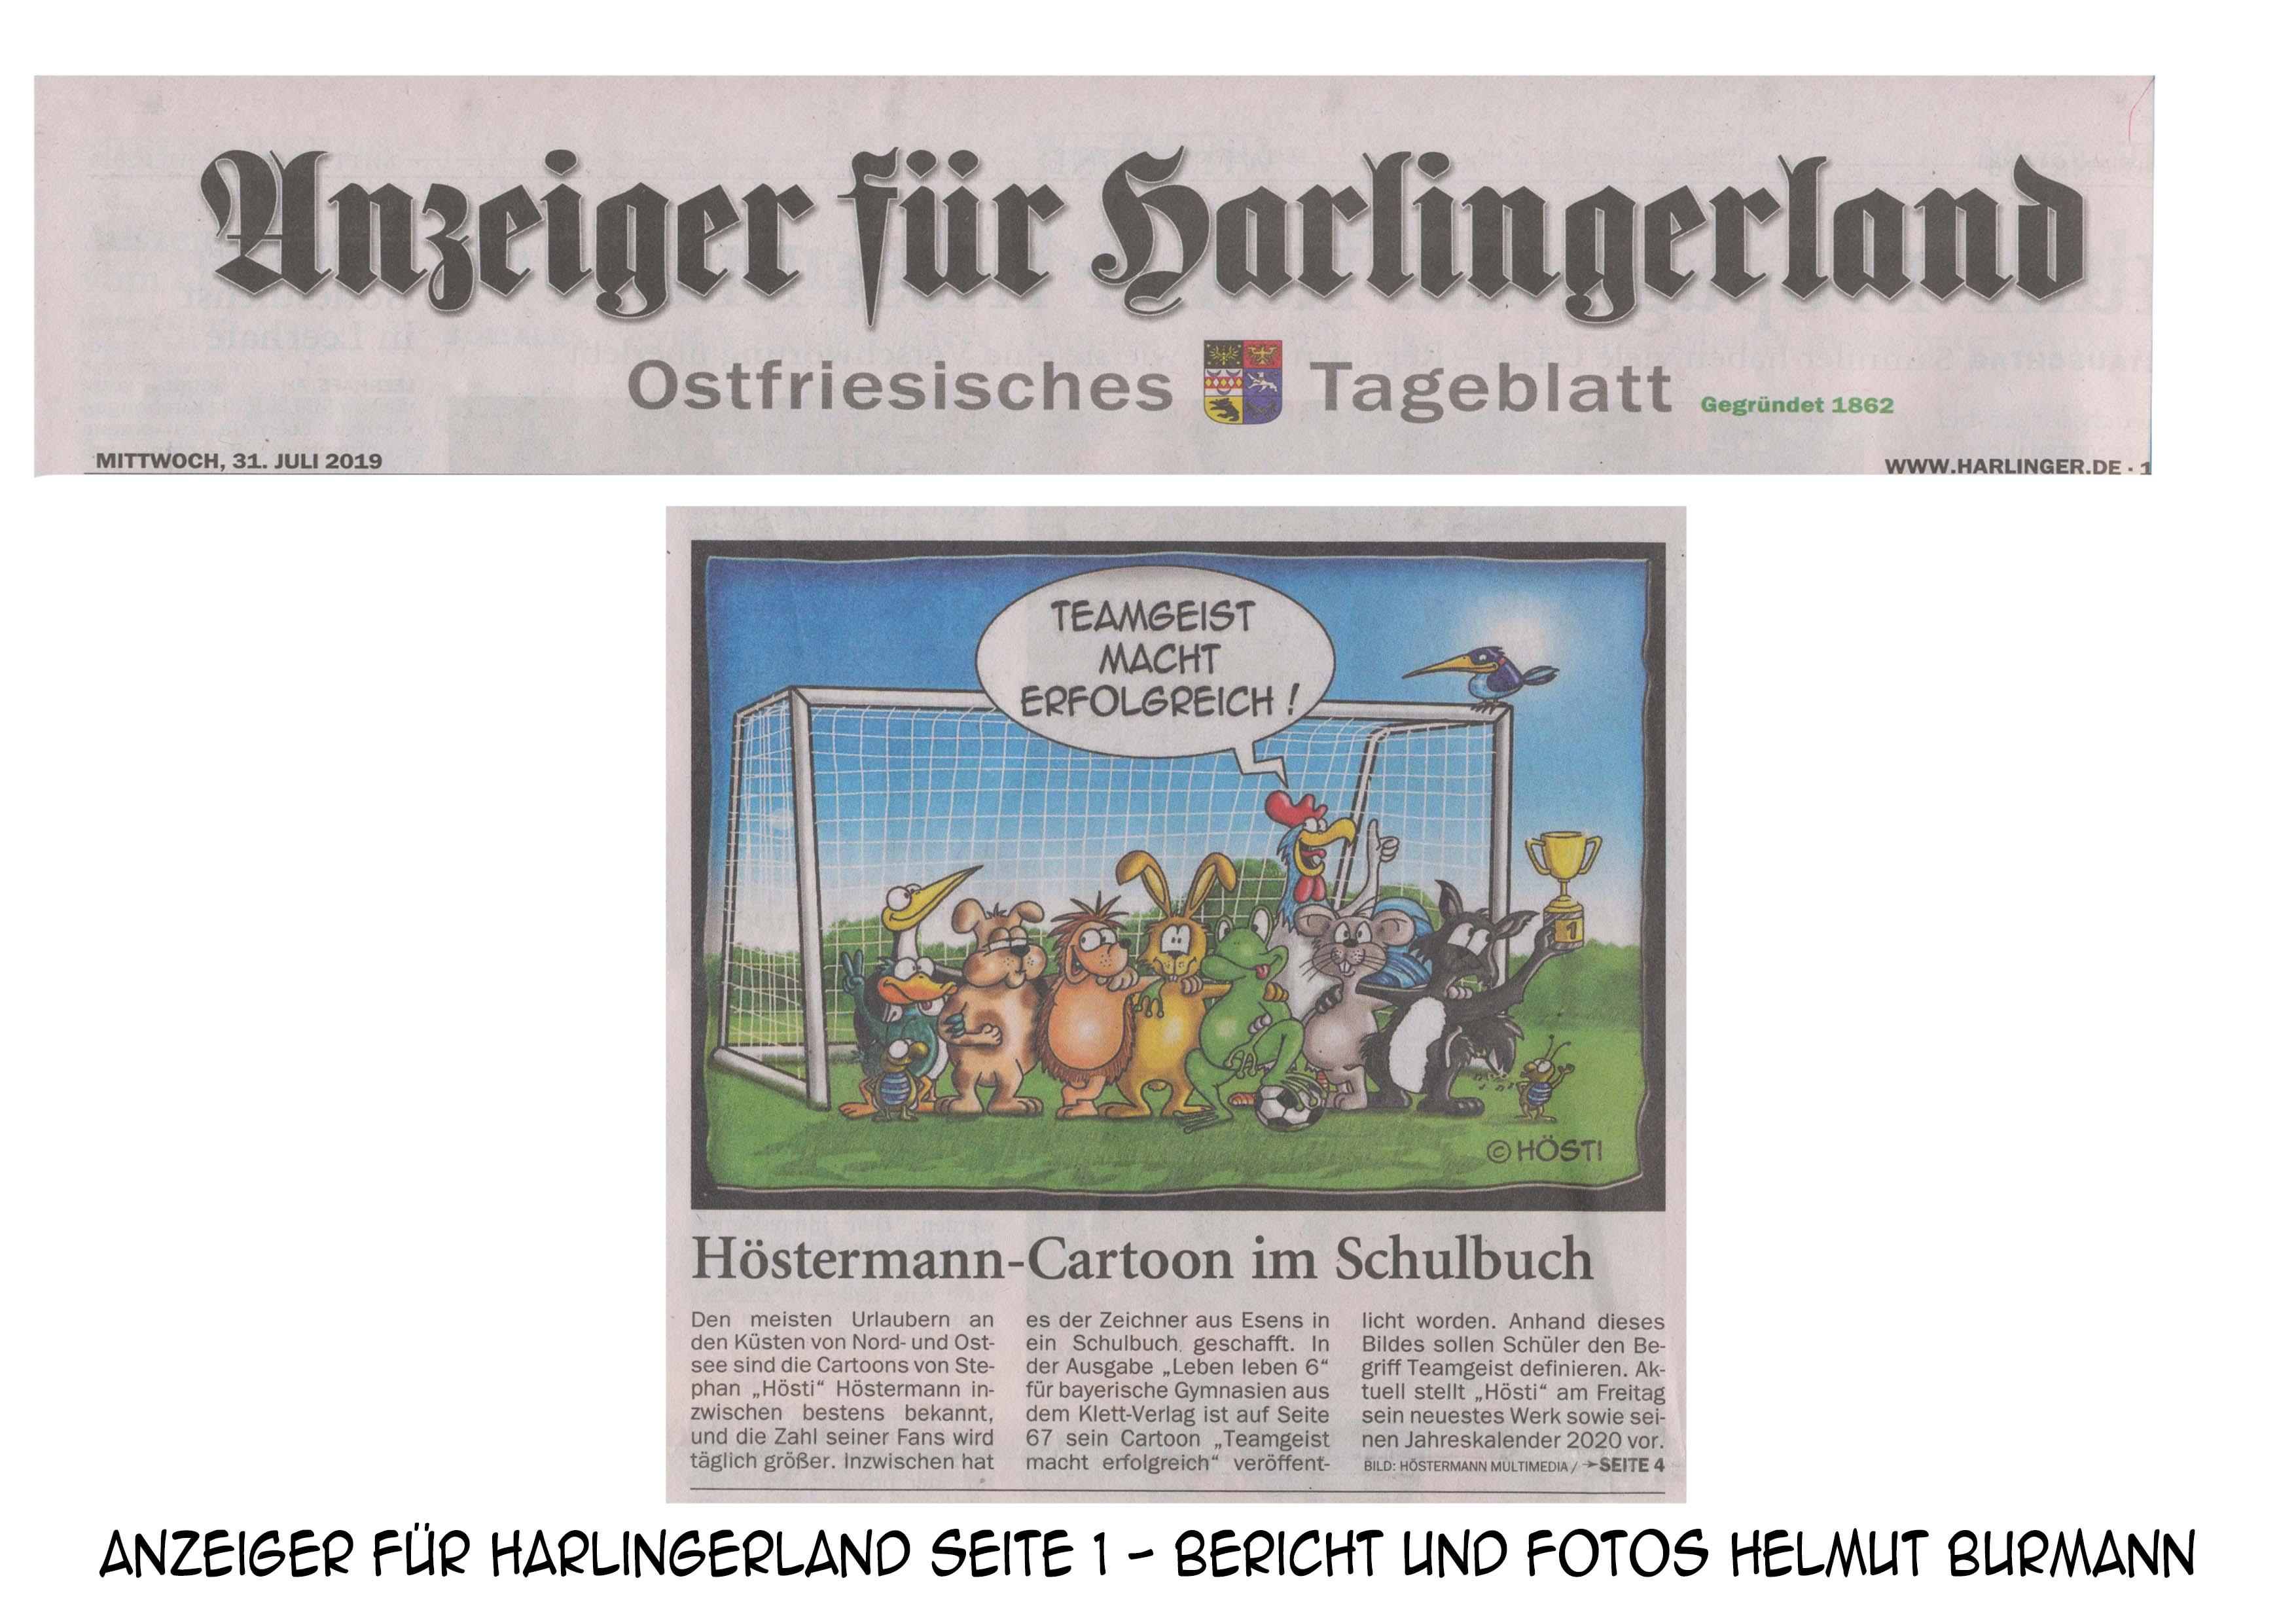 Harlinger-Anzeiger-Seite-1-MiTTWOCH-31-07-2019-helmut-burmann